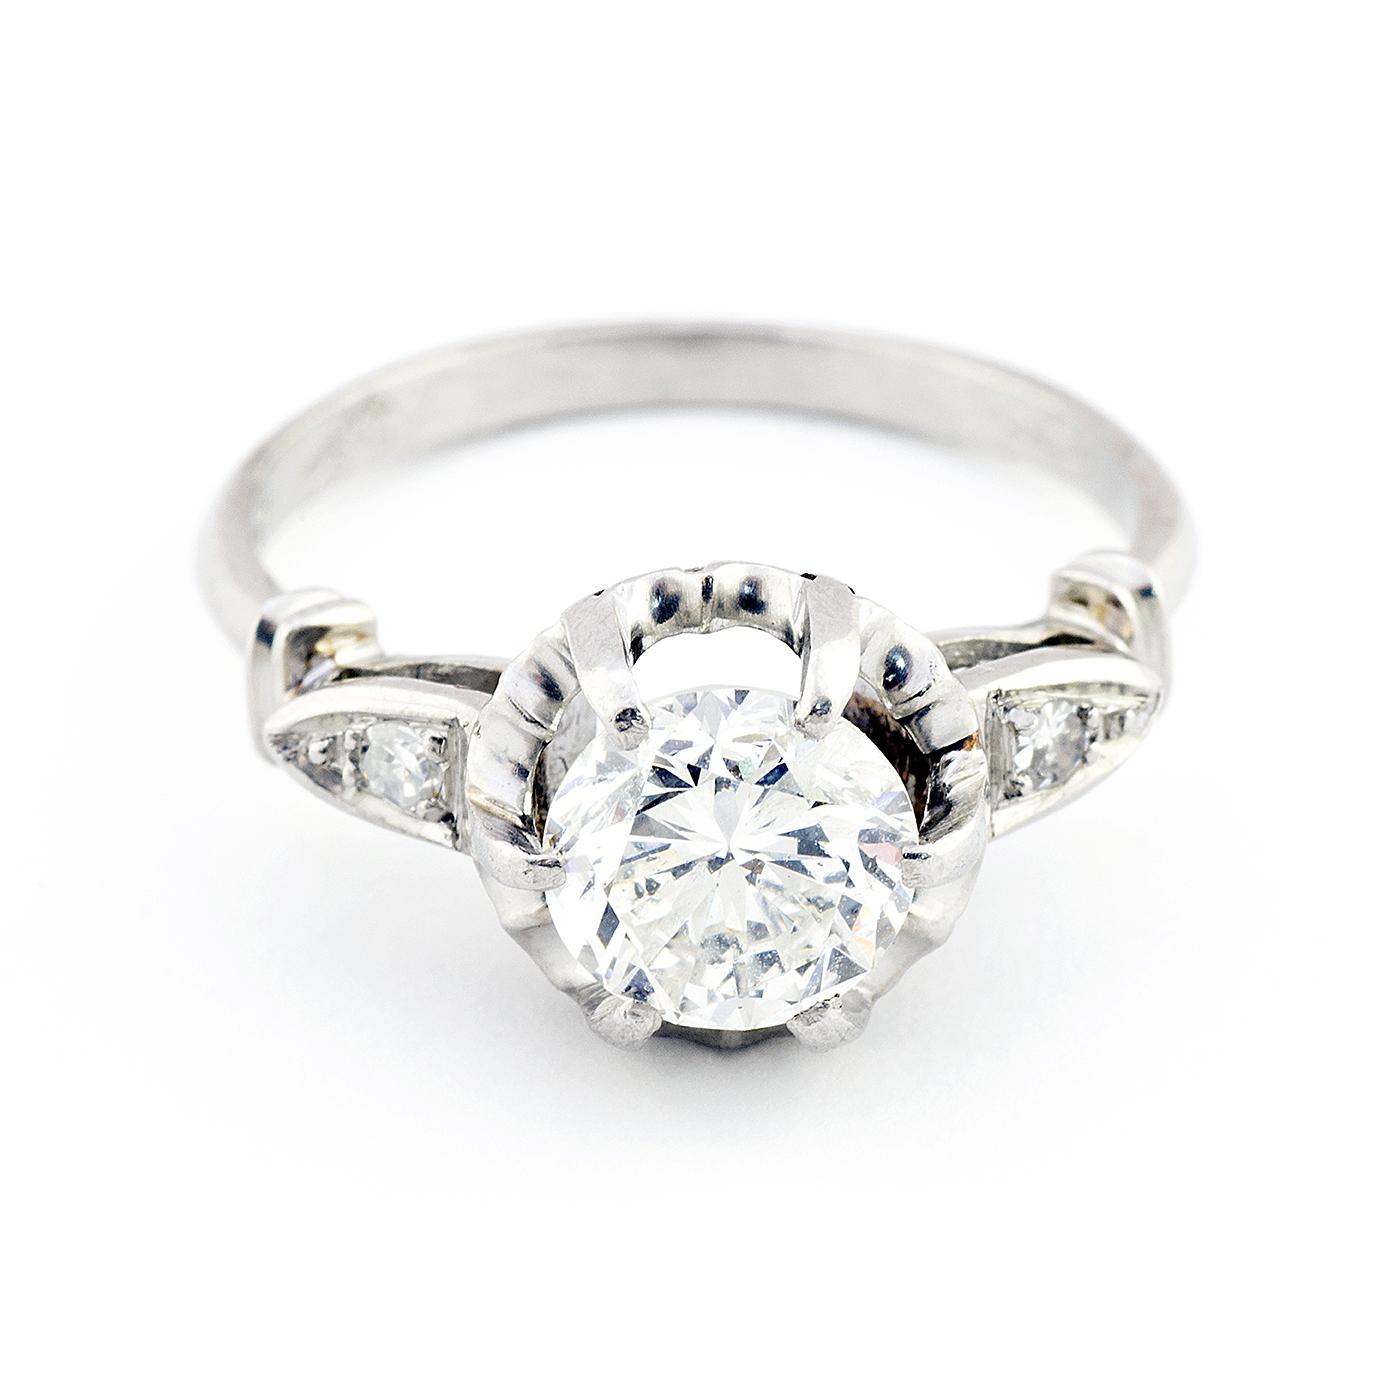 Anillo de Oro Blanco con Diamante Natural Central de 1,47 ct. (J-SI2-SI3) talla Brillante y Dos Diamantes en los hombros